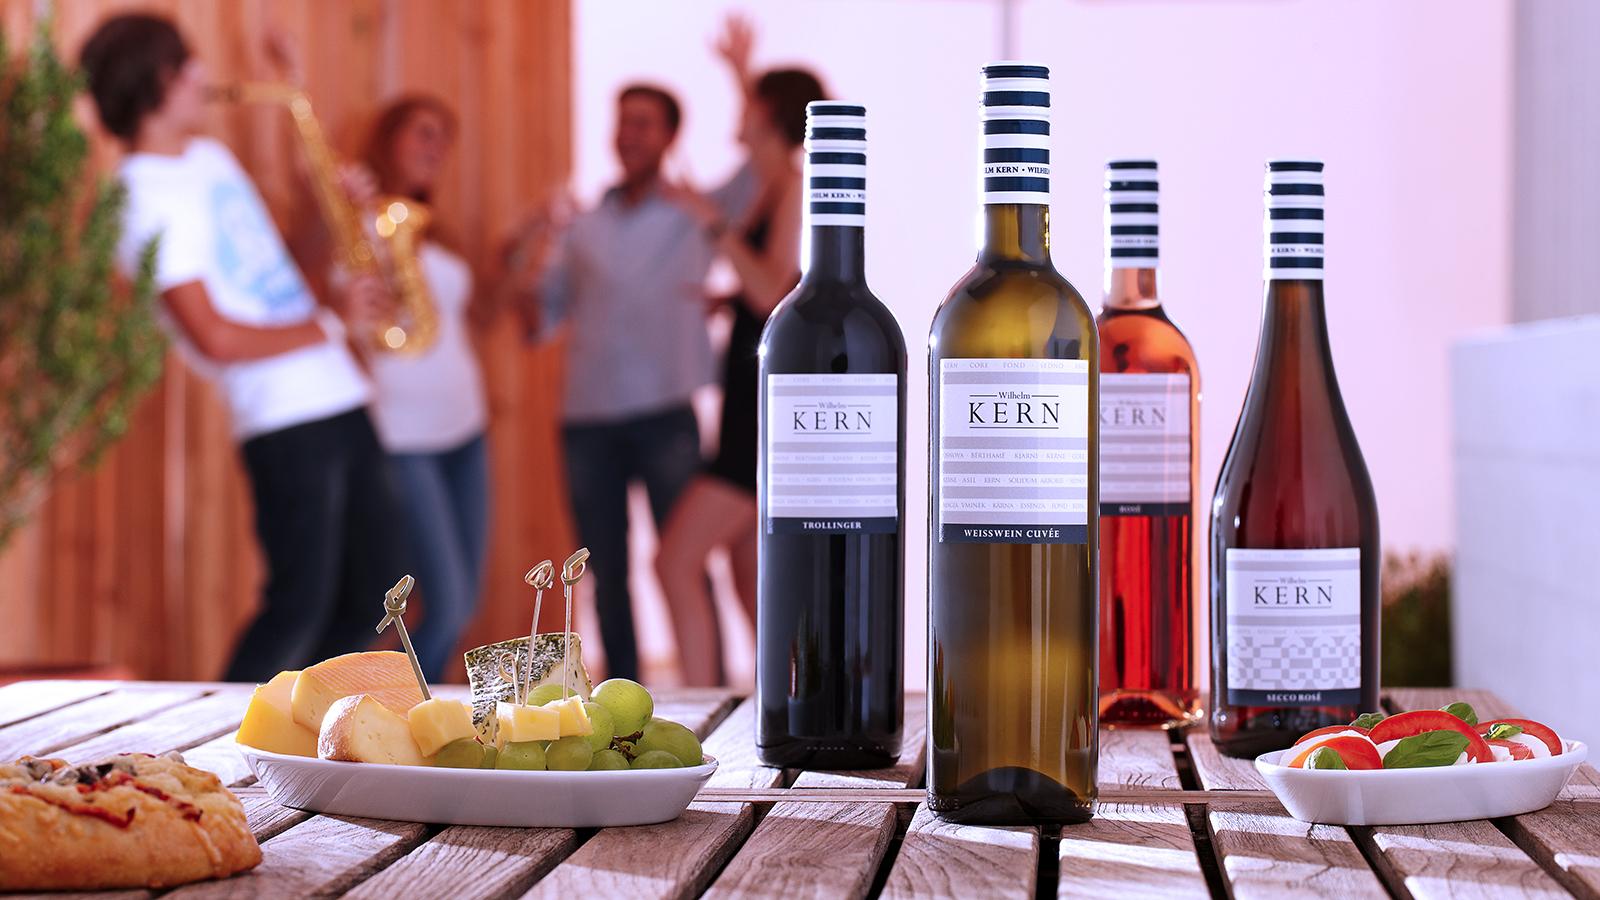 Flaschen der STREIF-Serie auf einem Tisch mit leichtes Esse, im Hintergrund feiernde junge Menschen